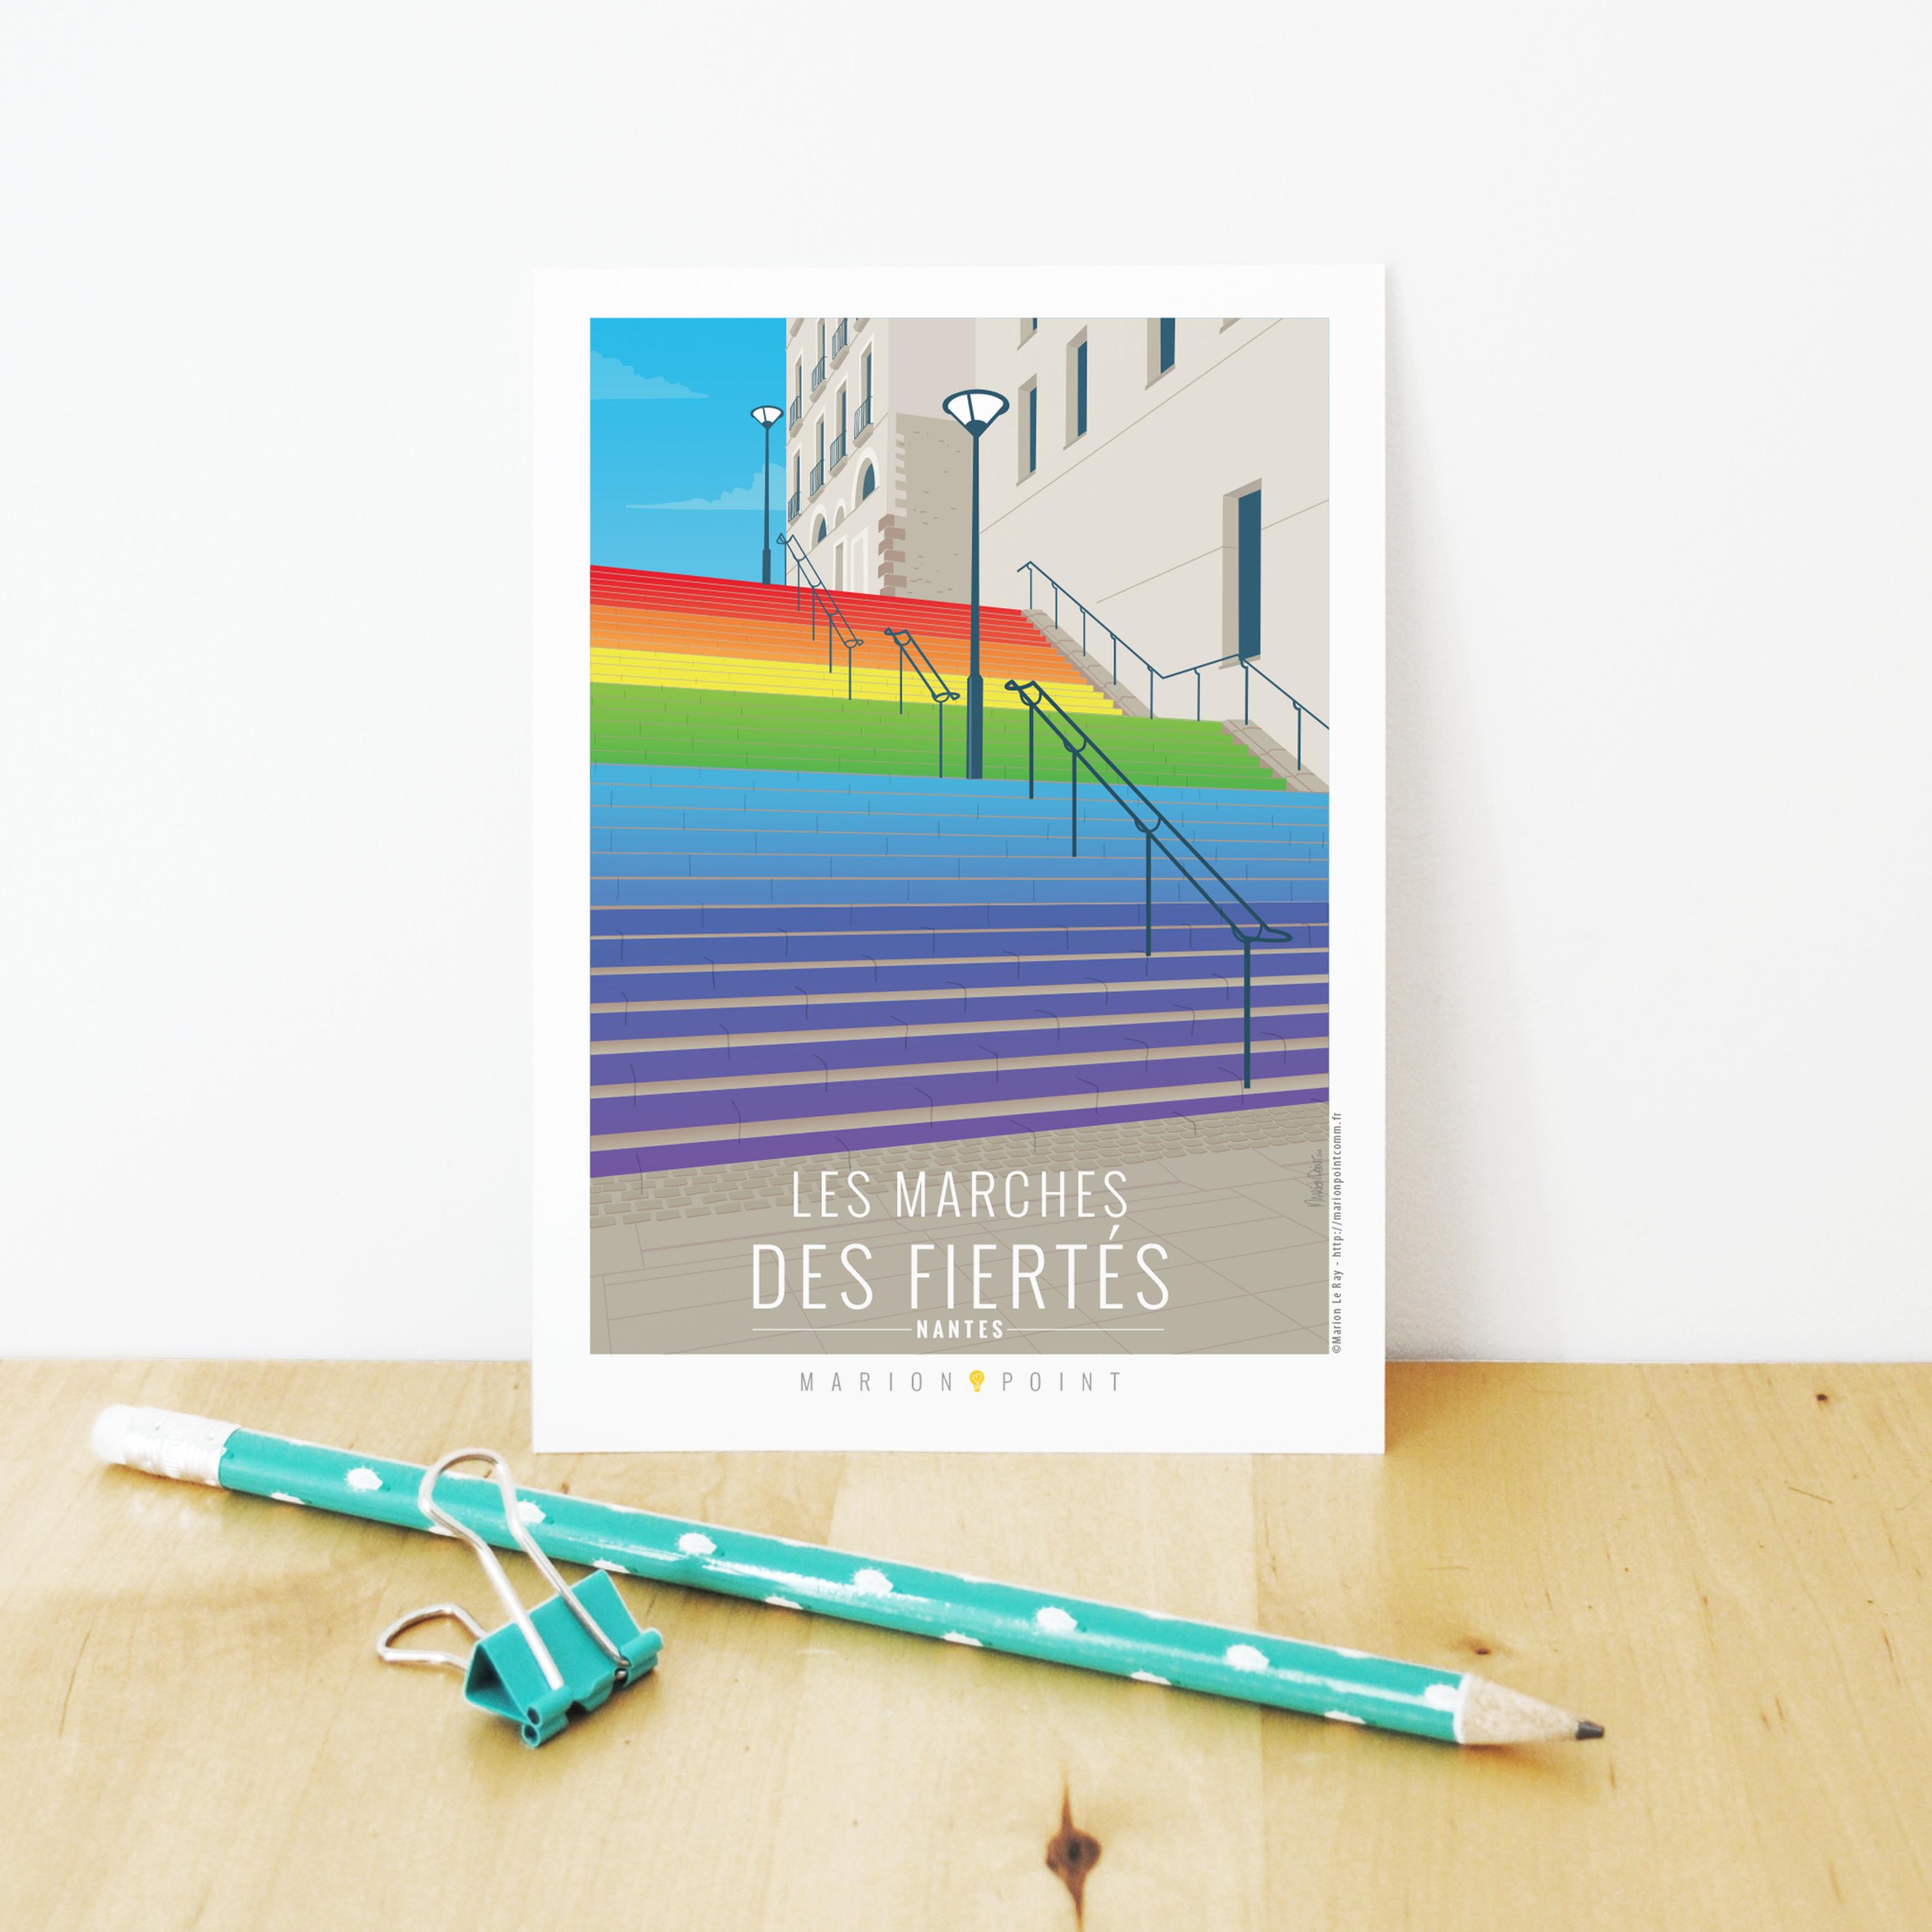 Carte postale - Marches des fiertés